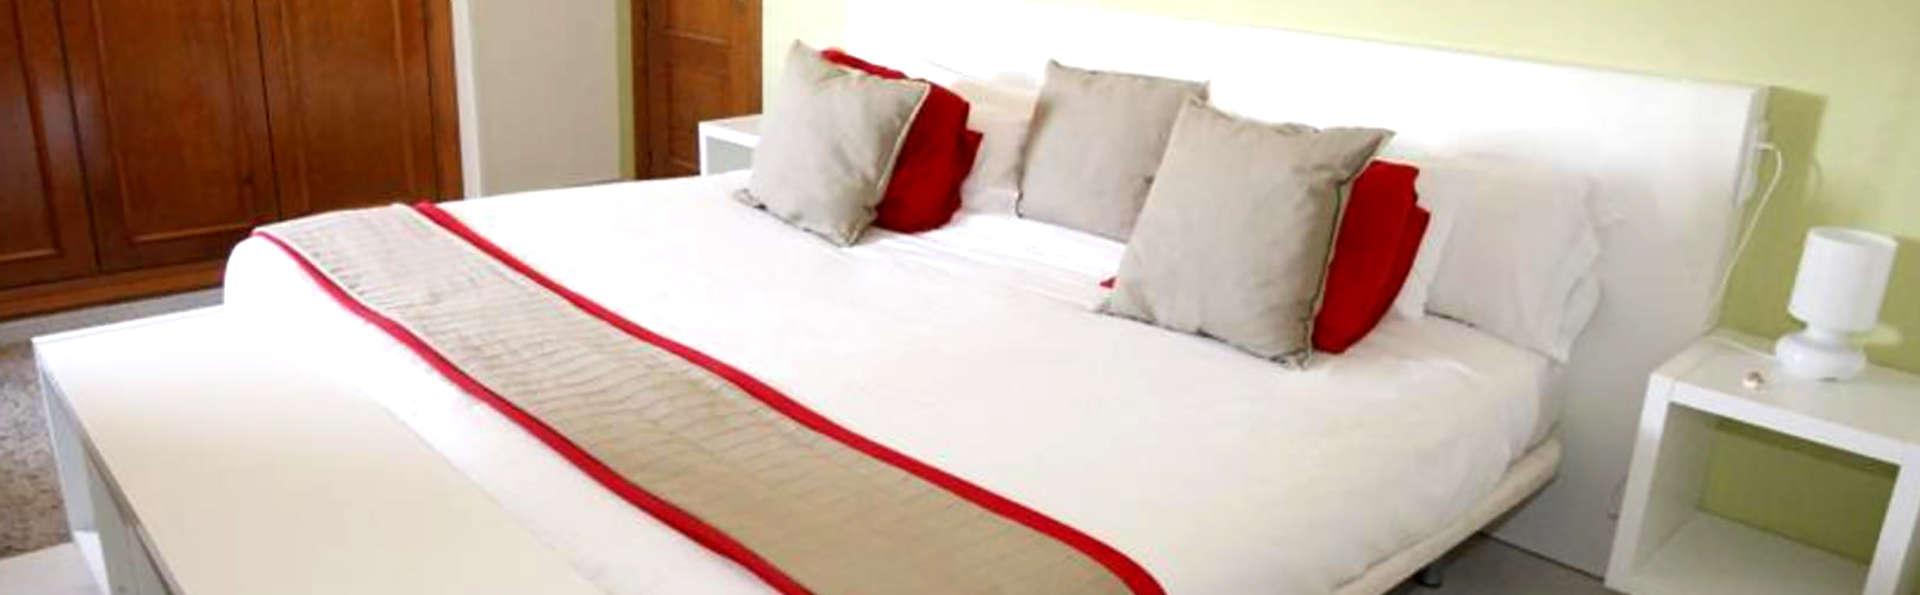 Hotel Argos Murcia - EDIT_NEW_ROOM4.jpg